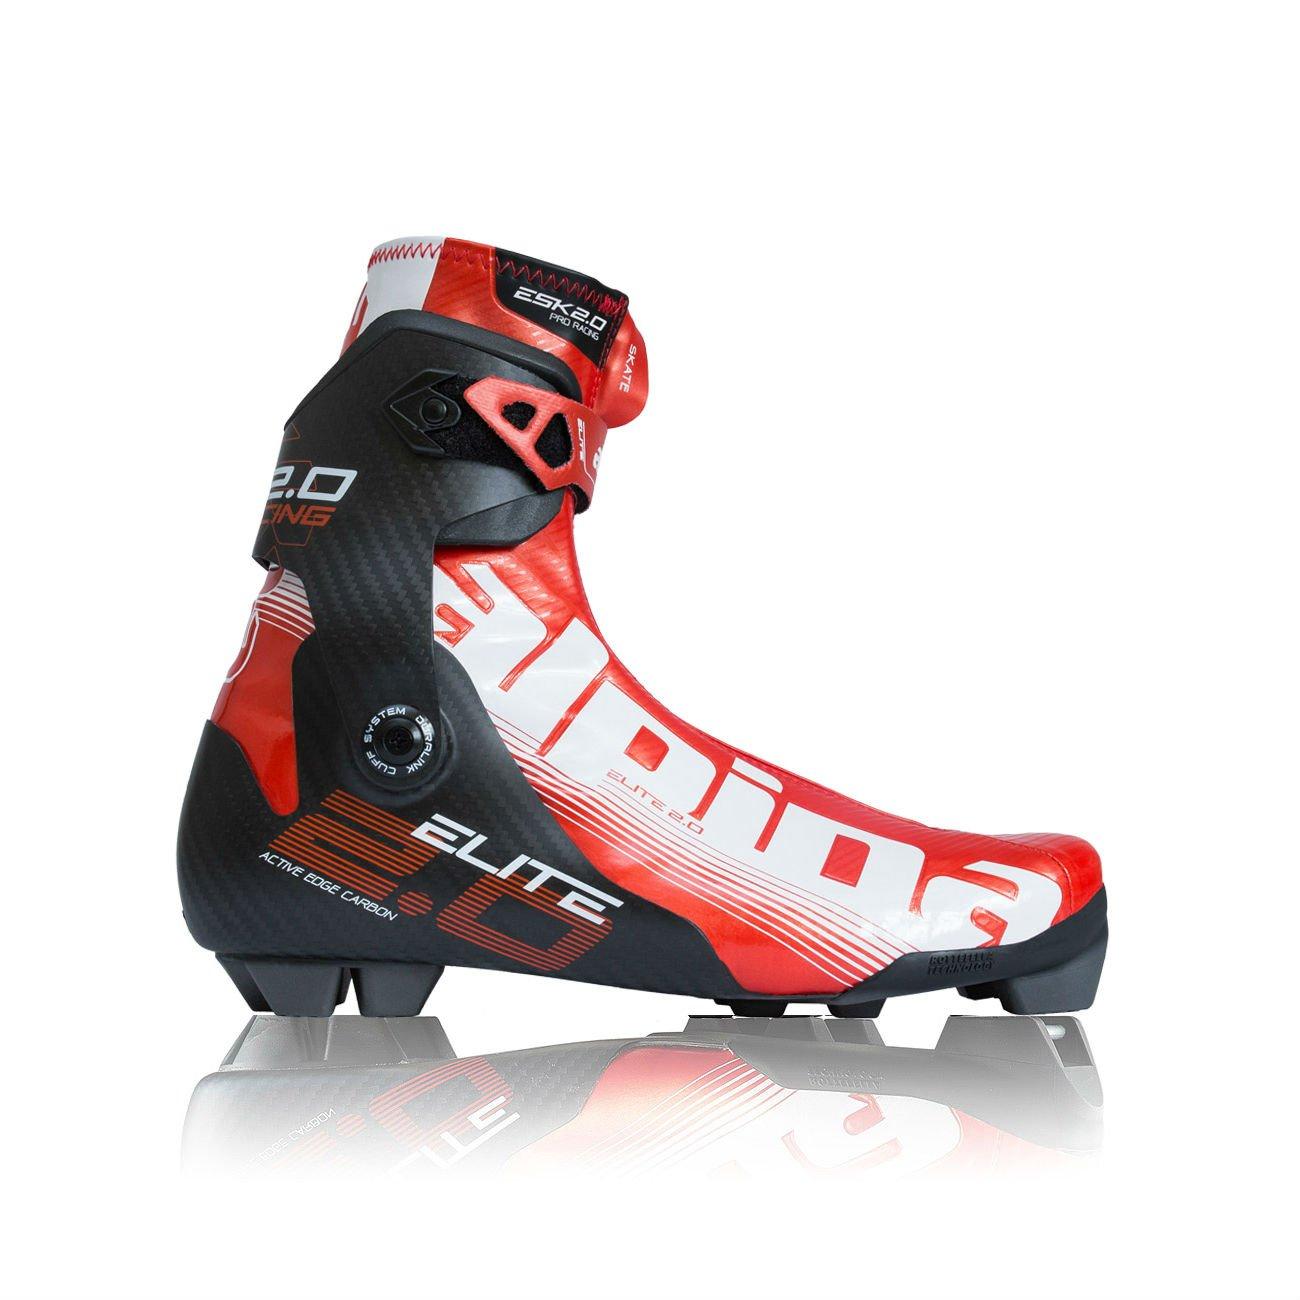 běžecké boty Alpina ESK 2.0 5110-1,7 15/16